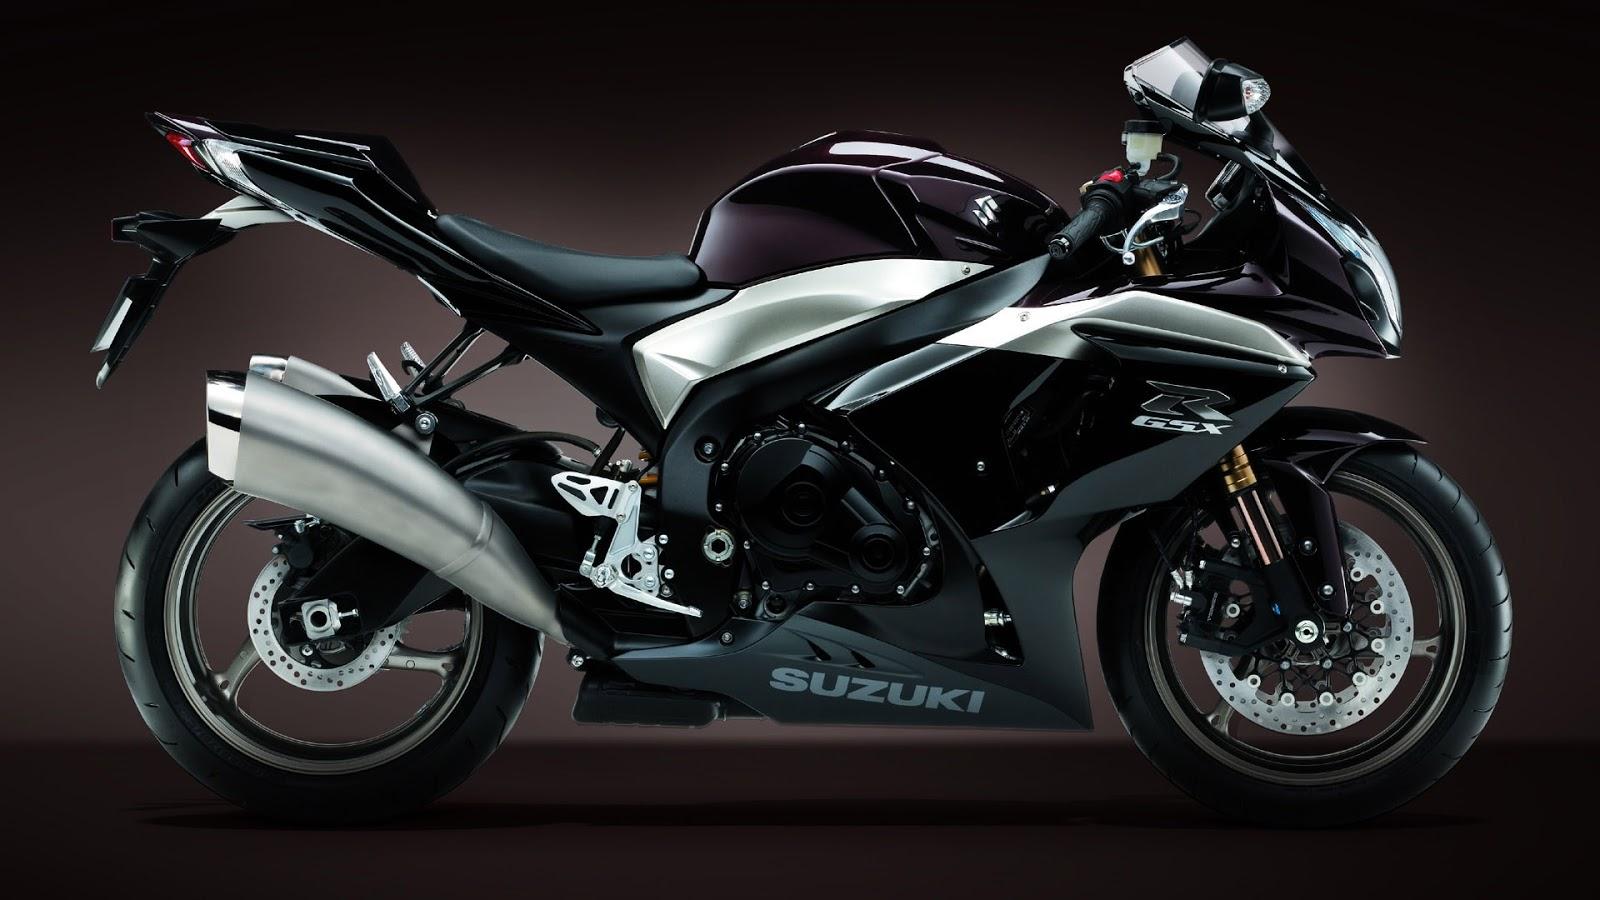 http://3.bp.blogspot.com/-CjVB9WlQ1Ls/UbyF2MU7-fI/AAAAAAAAA3M/PAzPWTywjKQ/s1600/suzuki_dark_bike-HD.jpg